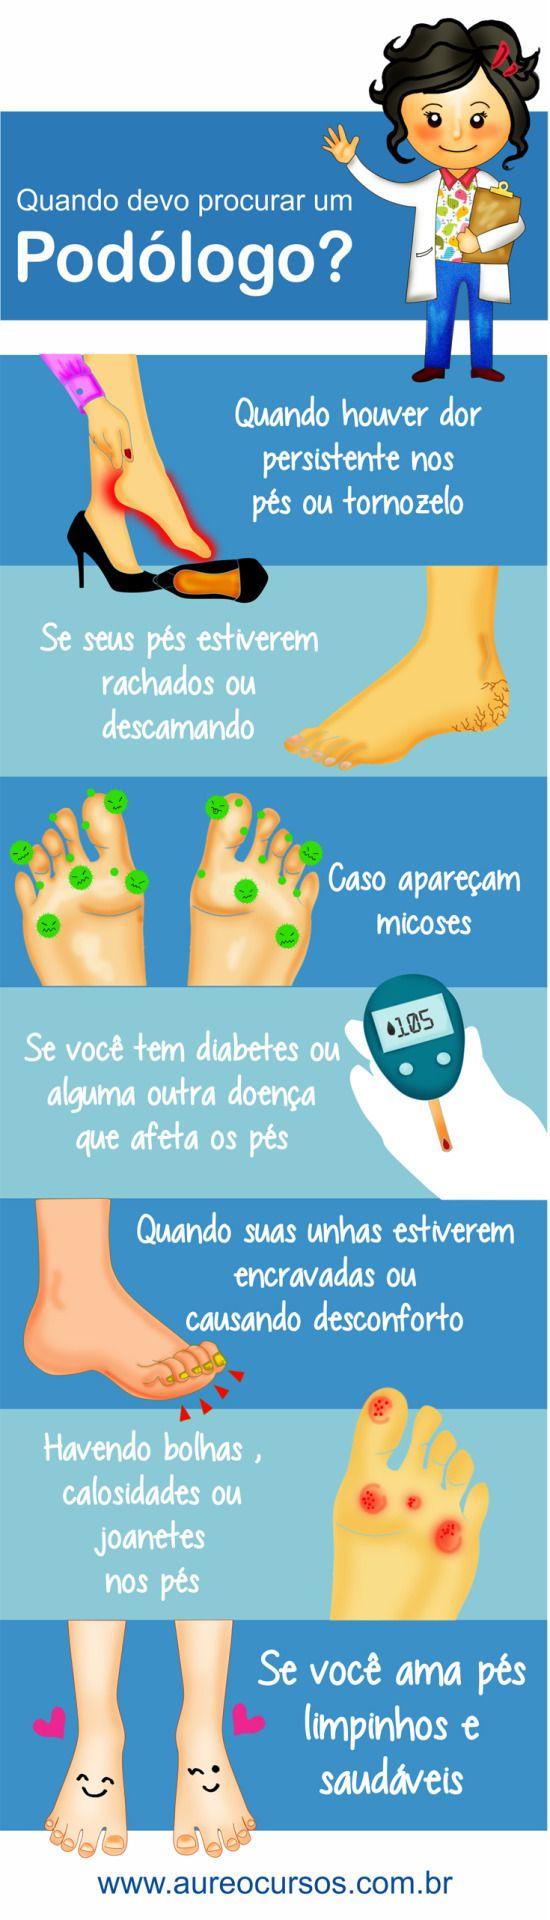 Deve-se procurar um podólogo(a) sempre que houver dor, desconforto ou caso você note mudanças nos pés ou unhas dos pés. Esses são apenas alguns dentre muitos problemas relacionados a pés que um...